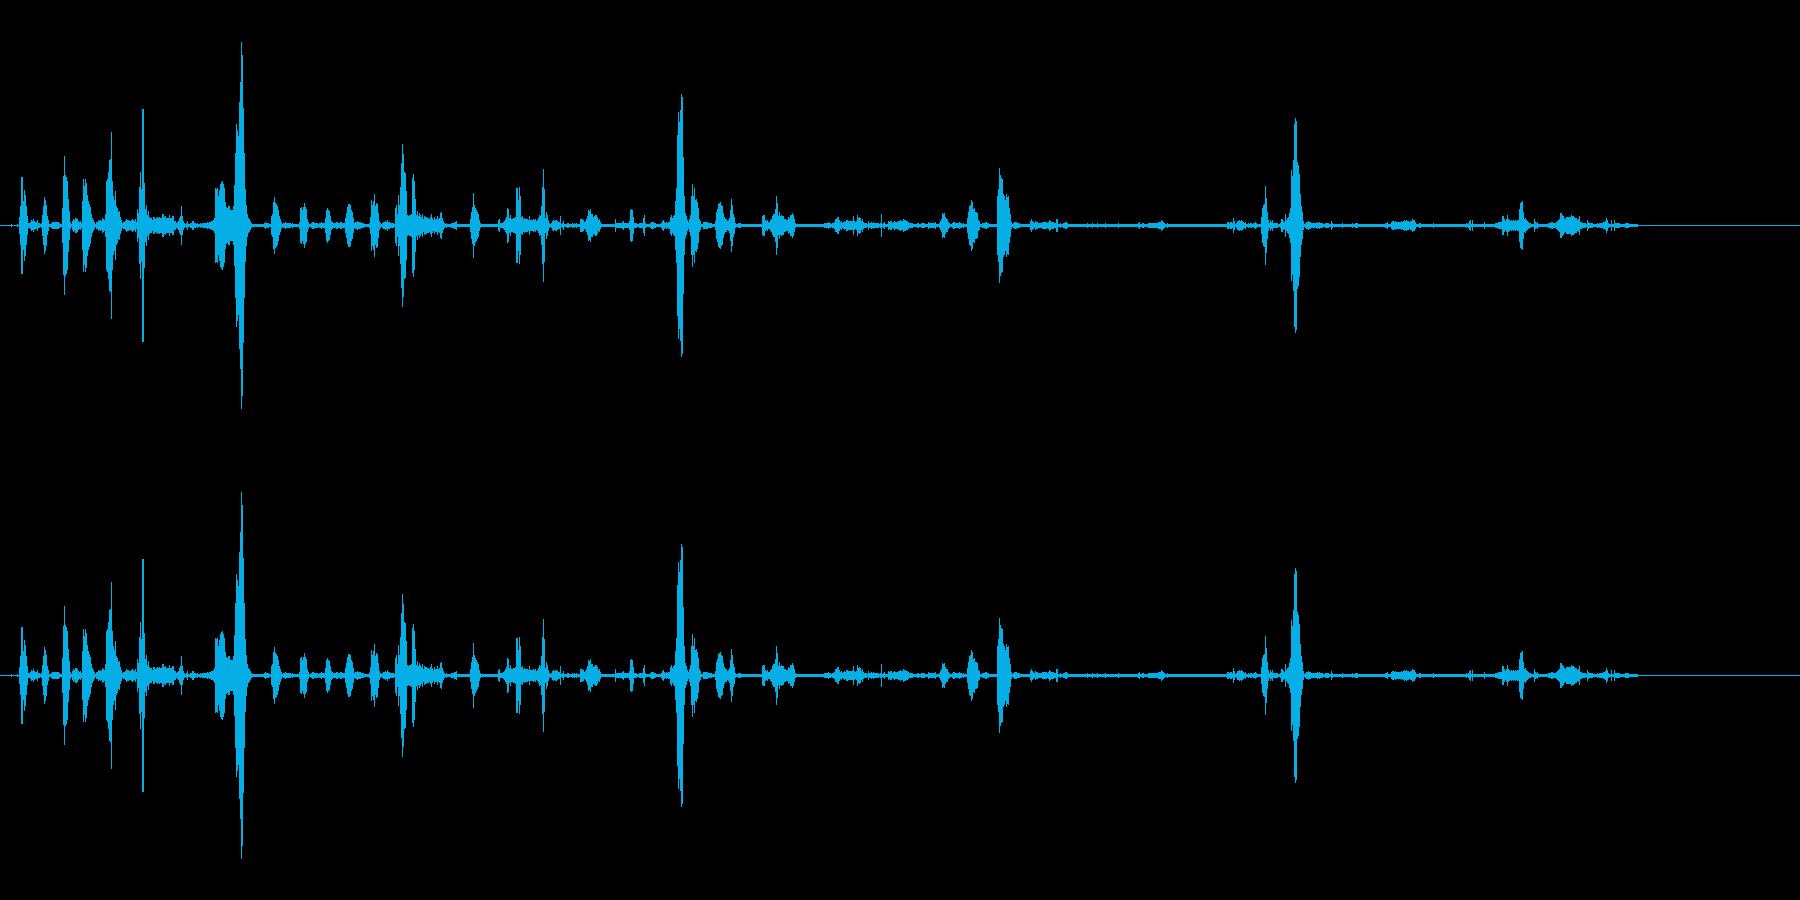 犬-シベリアンハスキー-あえぎ-の再生済みの波形